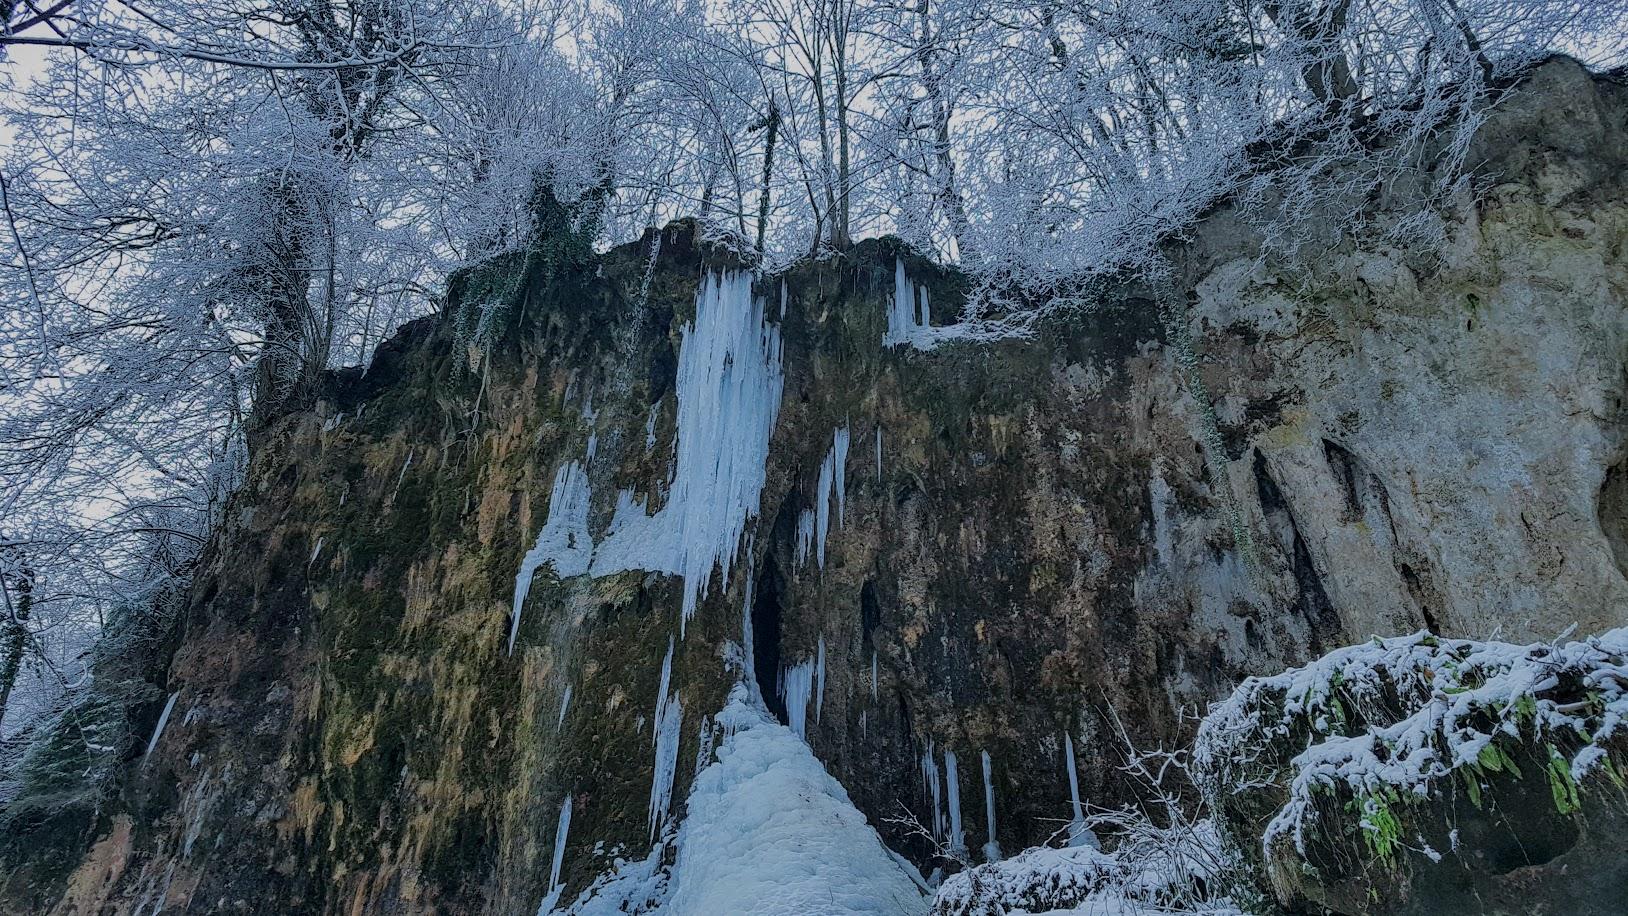 Fotogalerija: Zaledio se slap Skakavac na Jankovcu, u tjednu pred nama, slijedi nam prvi ozbiljniji snijeg